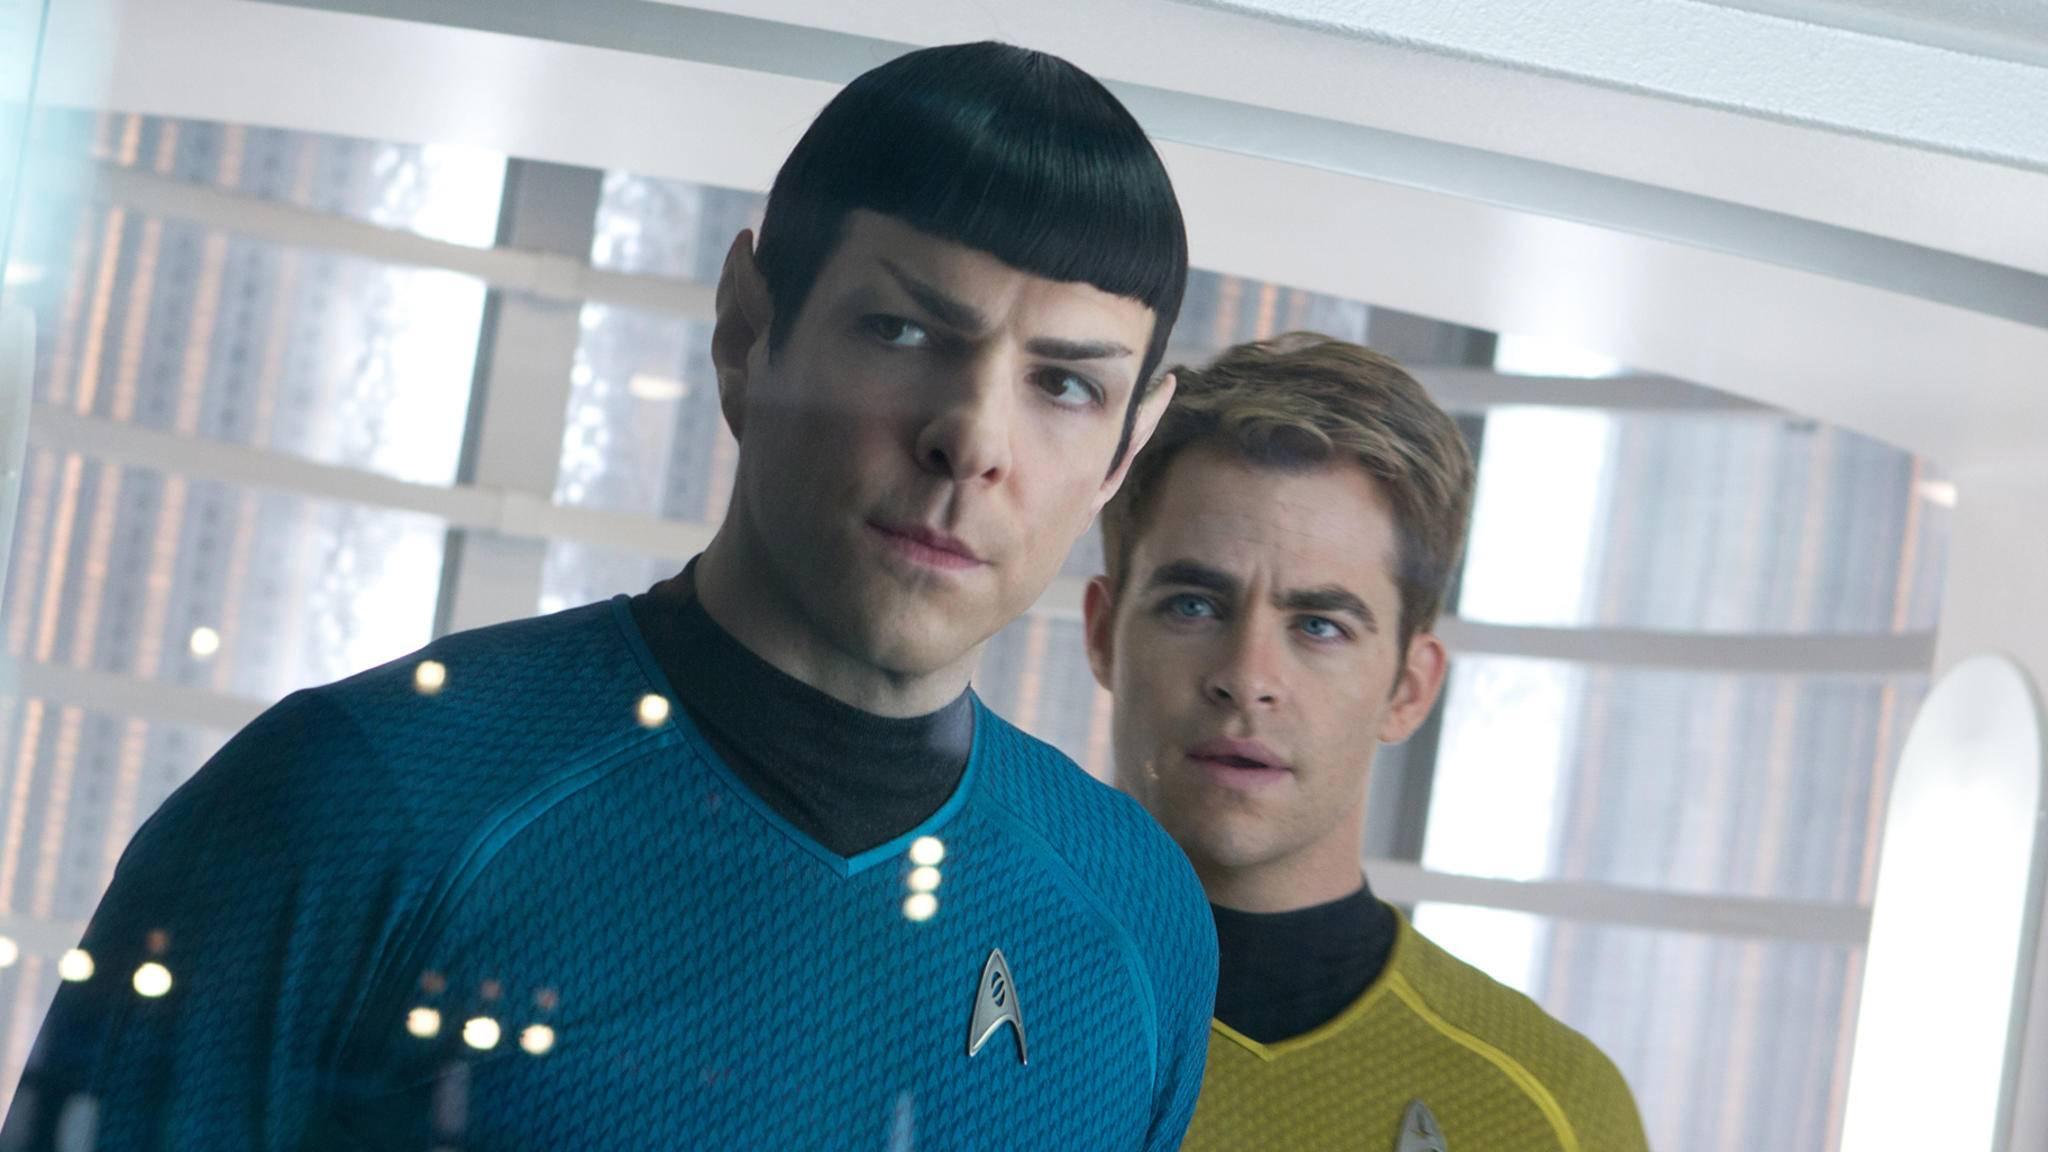 Ob Commander Spock (Zachary Quinto) und Captain Kirk (Chris Pine) wieder auf die Enterprise zurückkehren, steht in den Sternen.